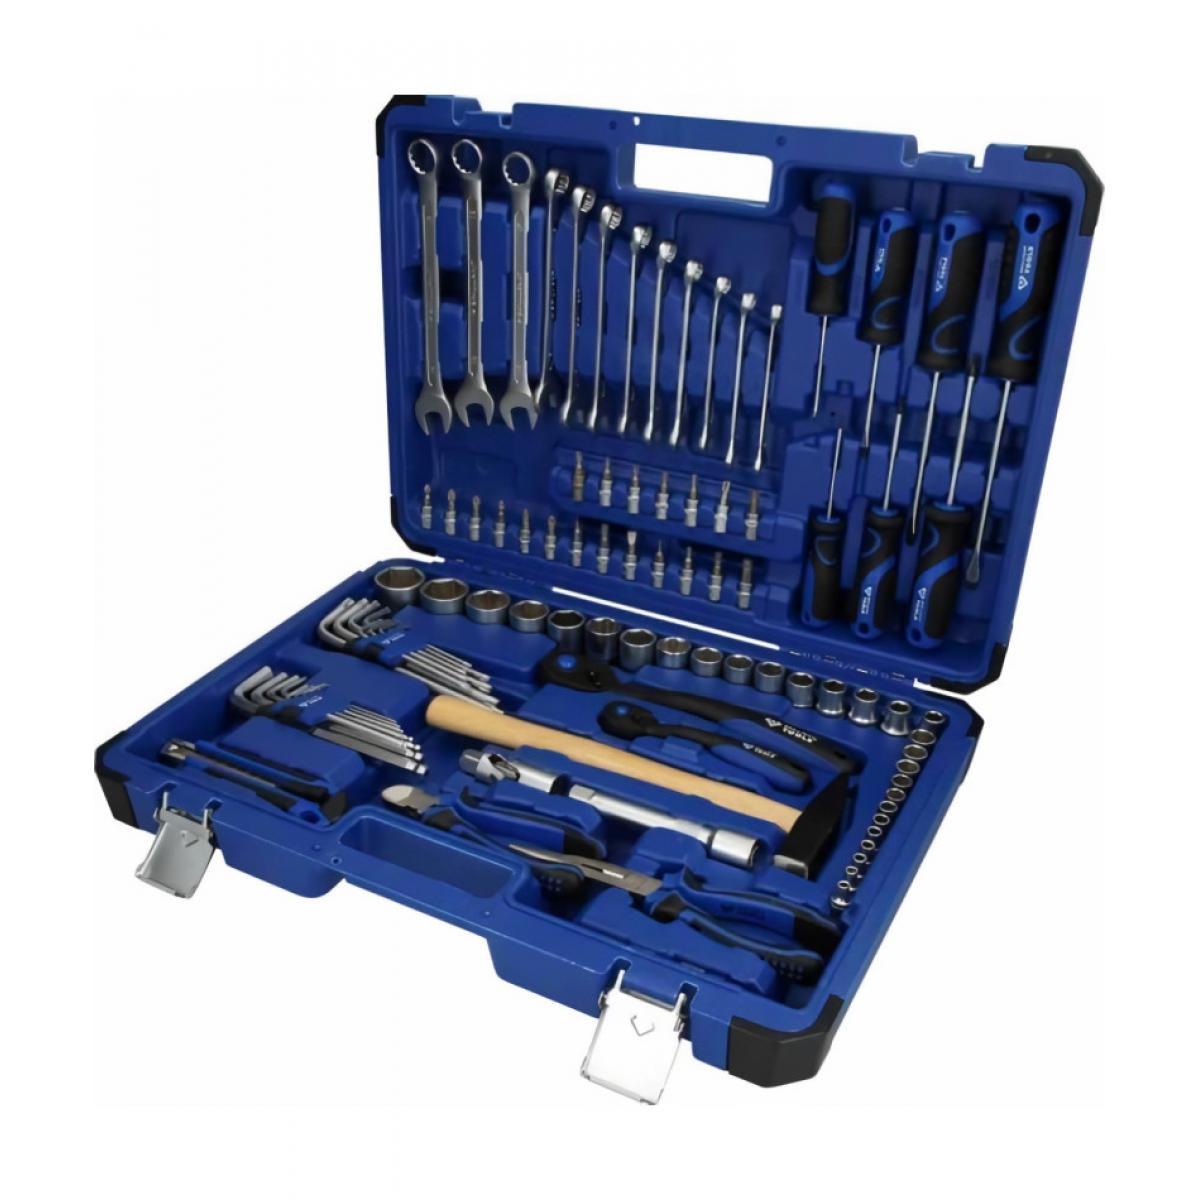 Brilliant BRILLIANT Coffret d'outils universel, 95 pieces